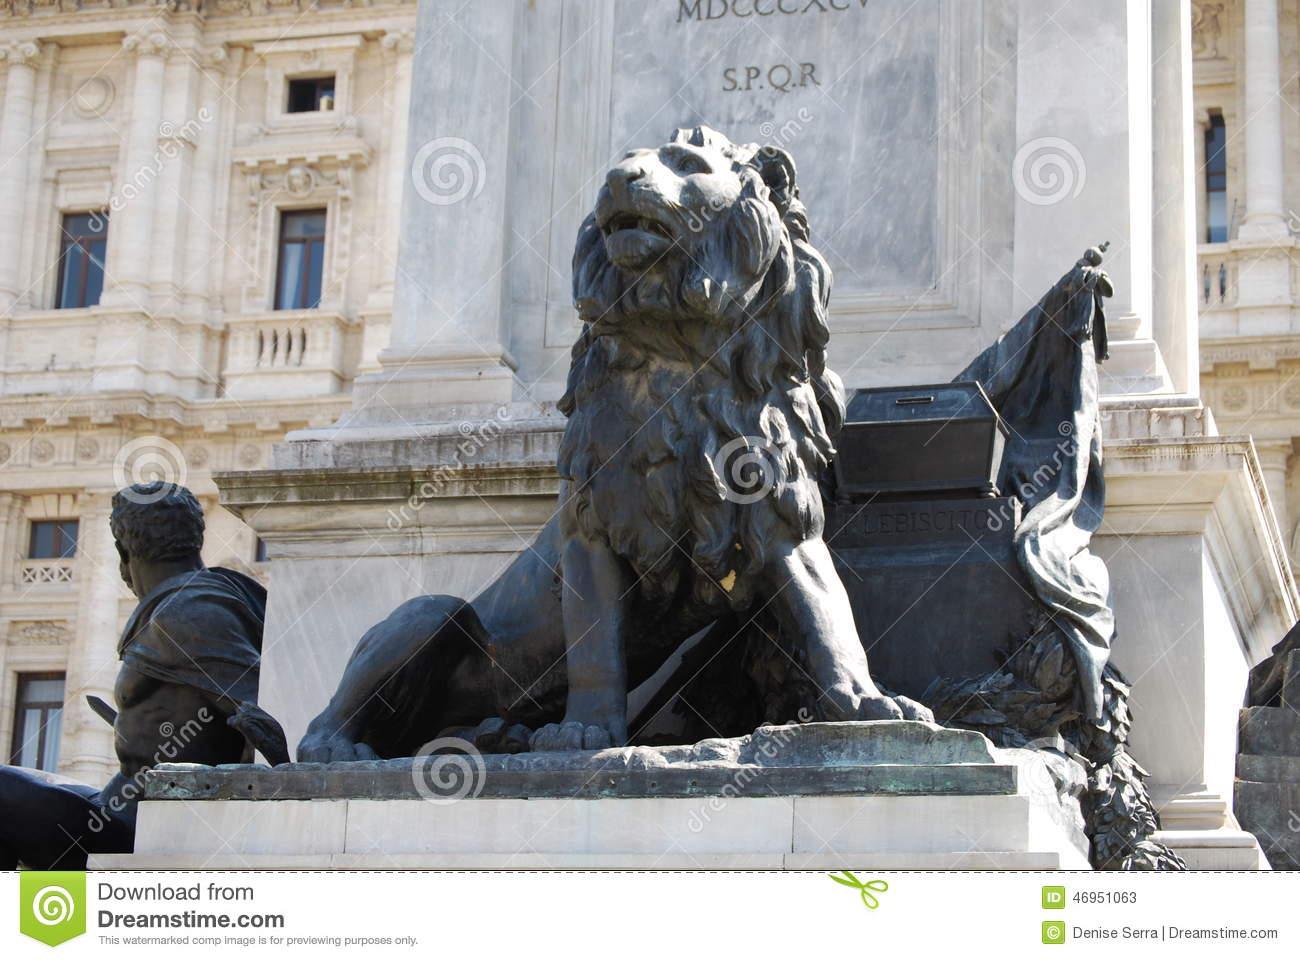 monumento-camillo-benso-di-cavour-piazza-cavour-roma-italia